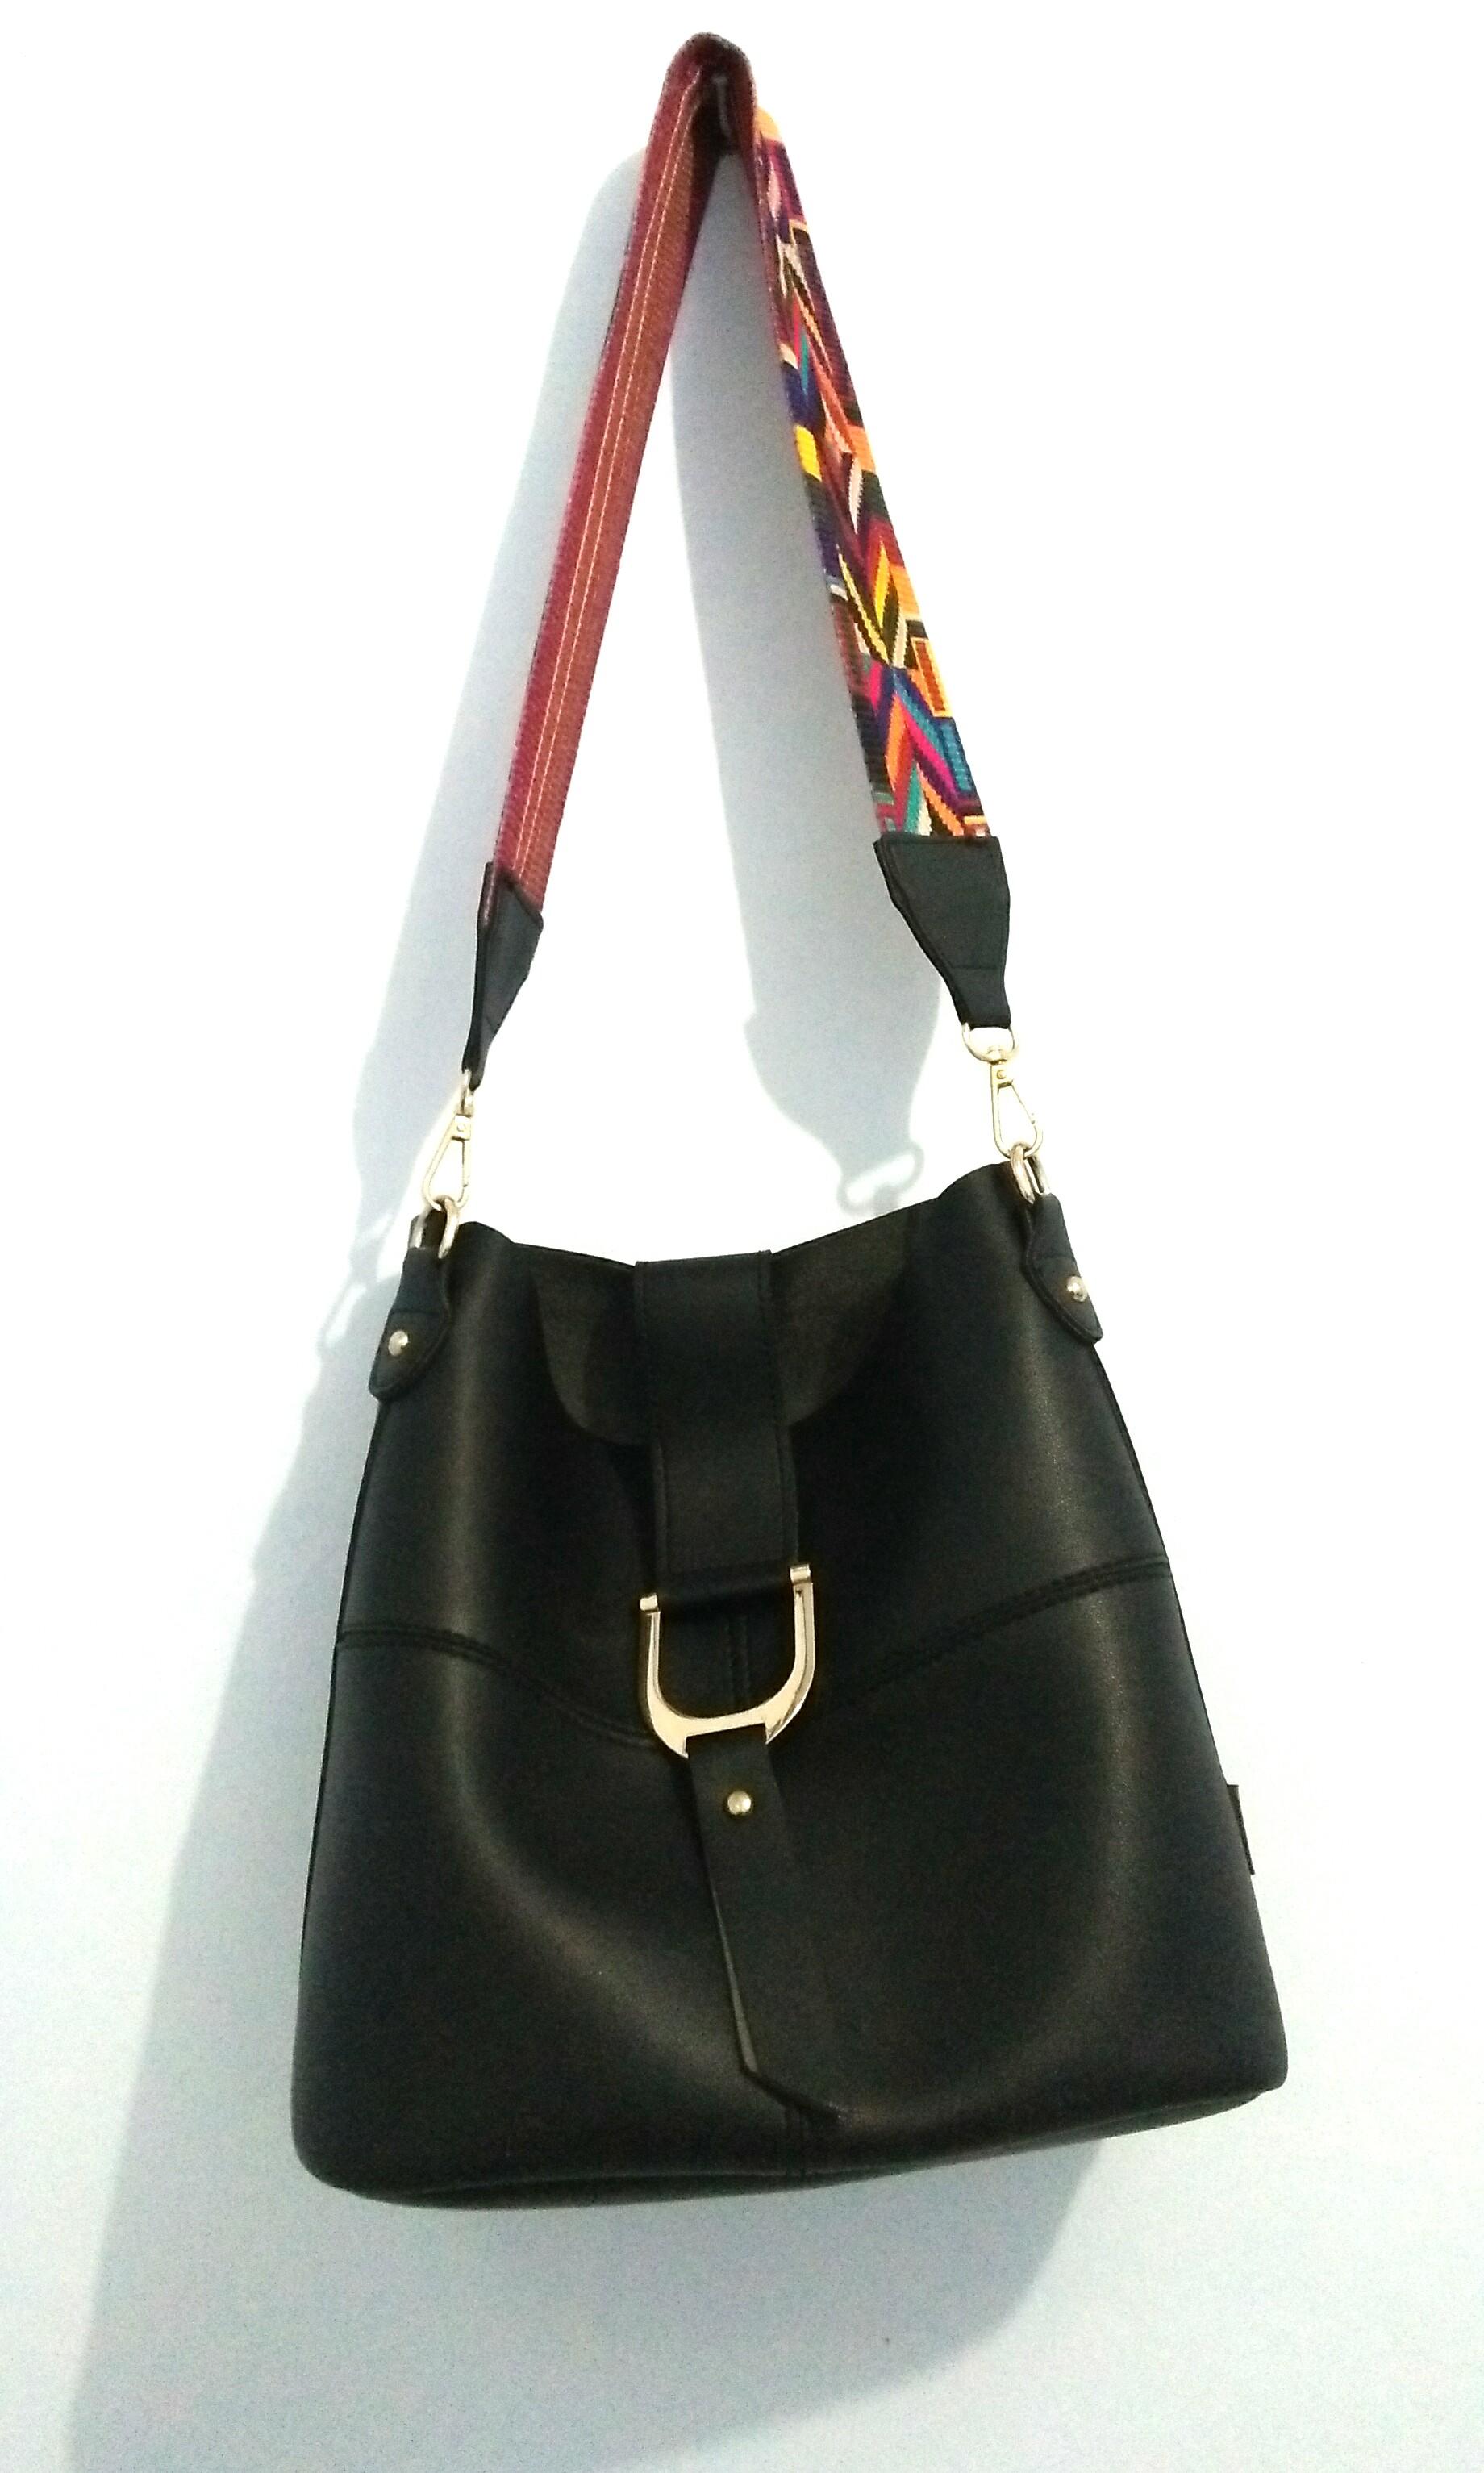 Shoulder tote bag tas hitam black miniso synthetic leather kulit ... fcfac3af22